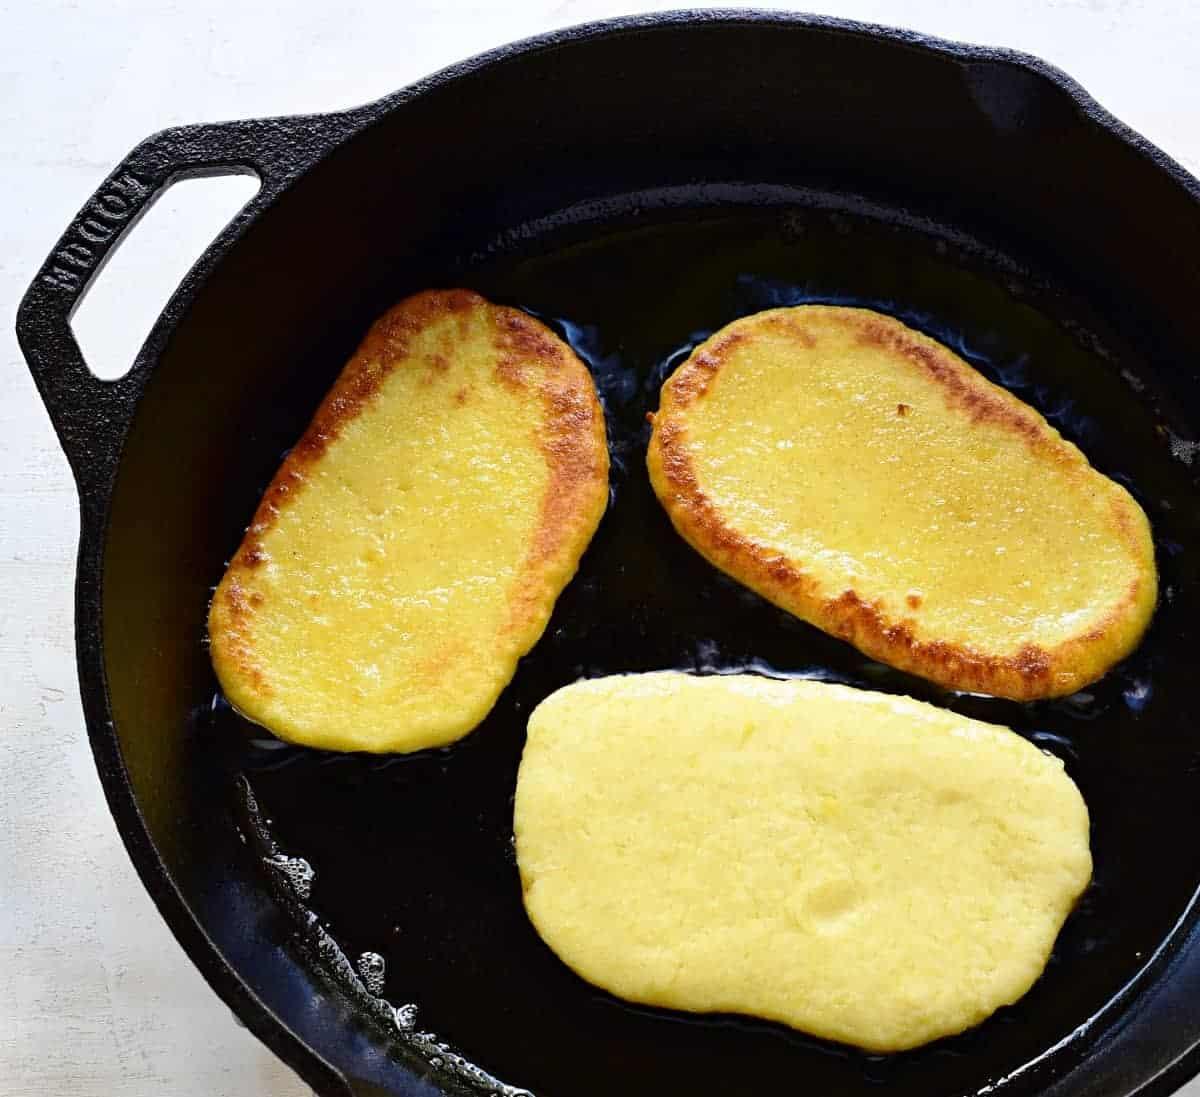 Making Czech bramborové placky flatbread.